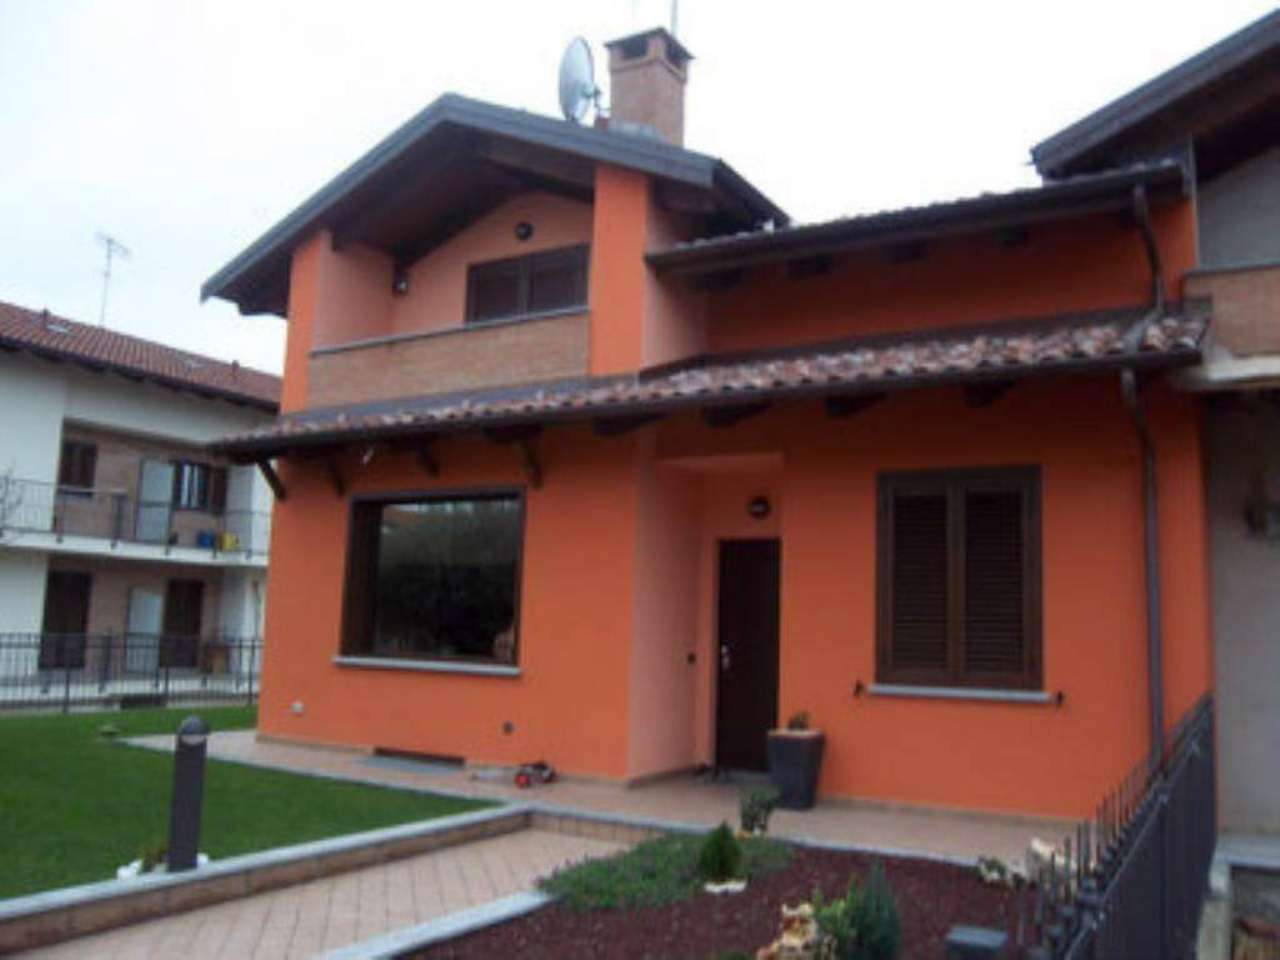 Villa a Schiera in vendita a Torrazza Piemonte, 5 locali, prezzo € 209.000 | Cambio Casa.it